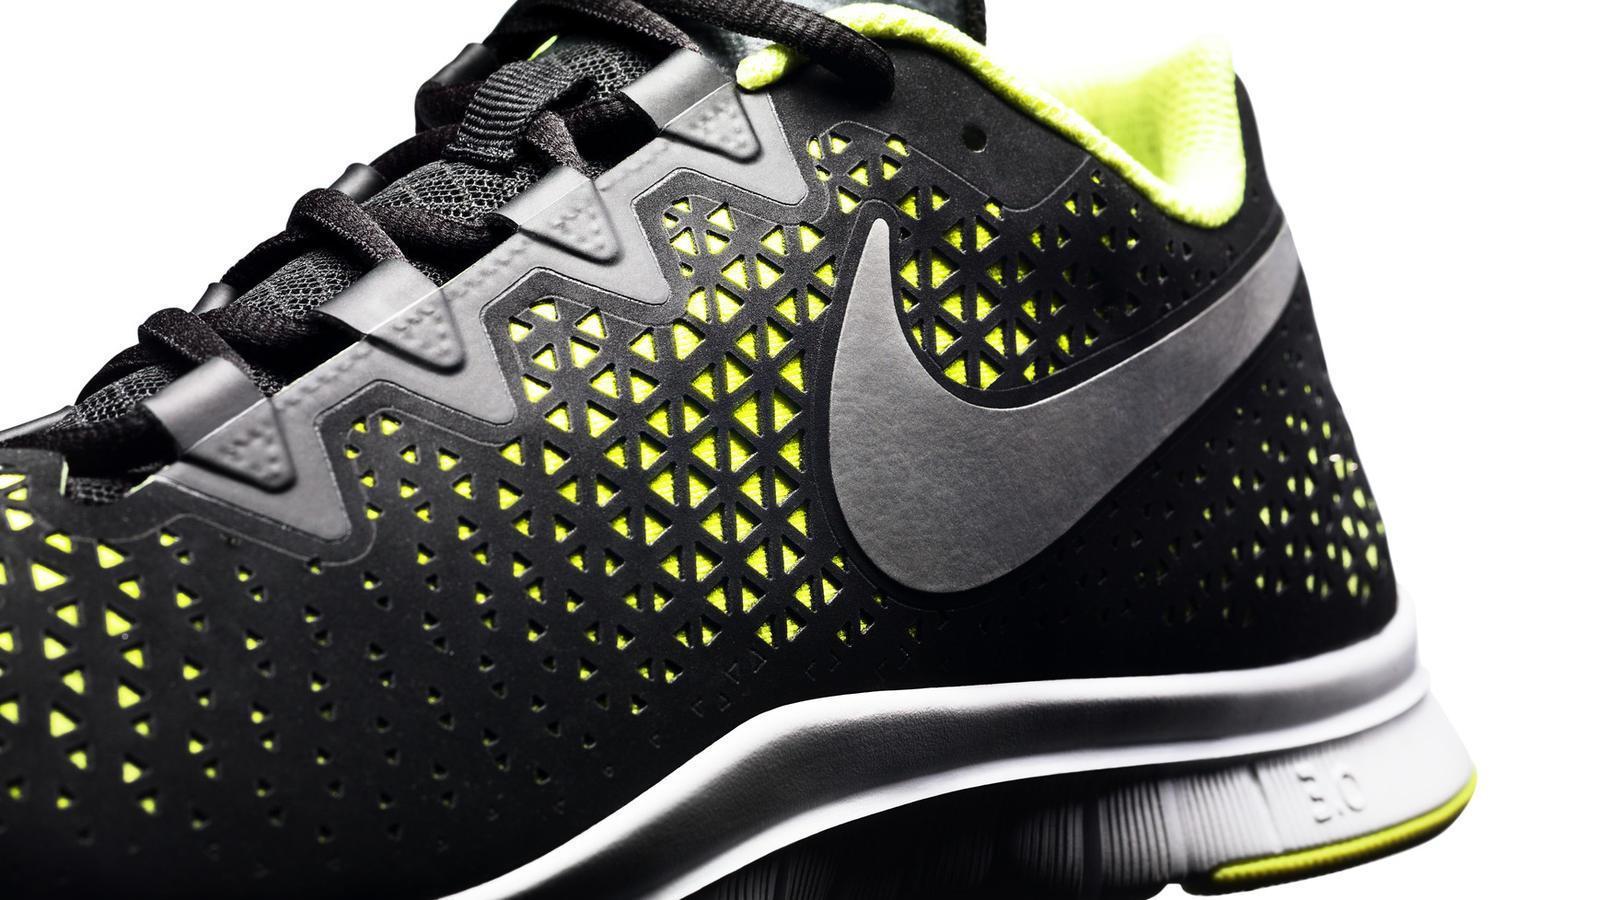 Share Image. Share Image. Share Image. The Nike Free Haven Sale Nike Free  Haven 3.0 Men ... daa6a1c4b0